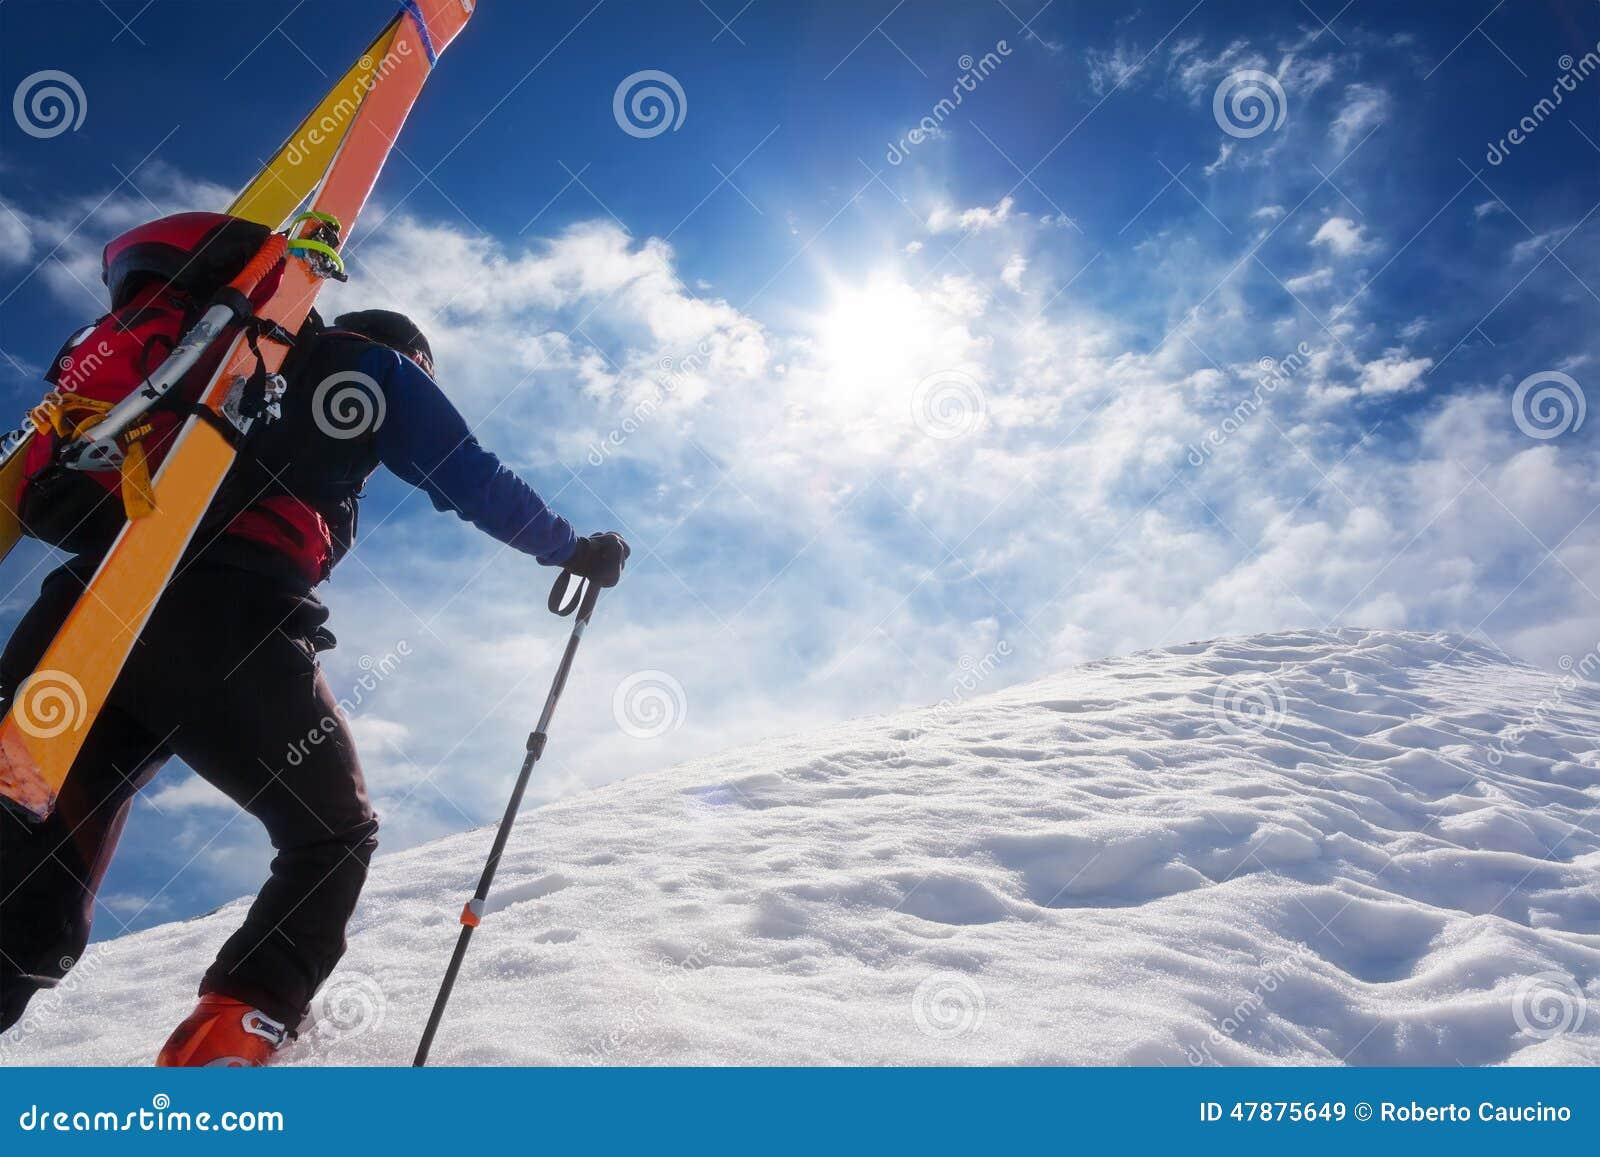 Skidar bergsbestigaren som går upp längs en brant snöig kant med set